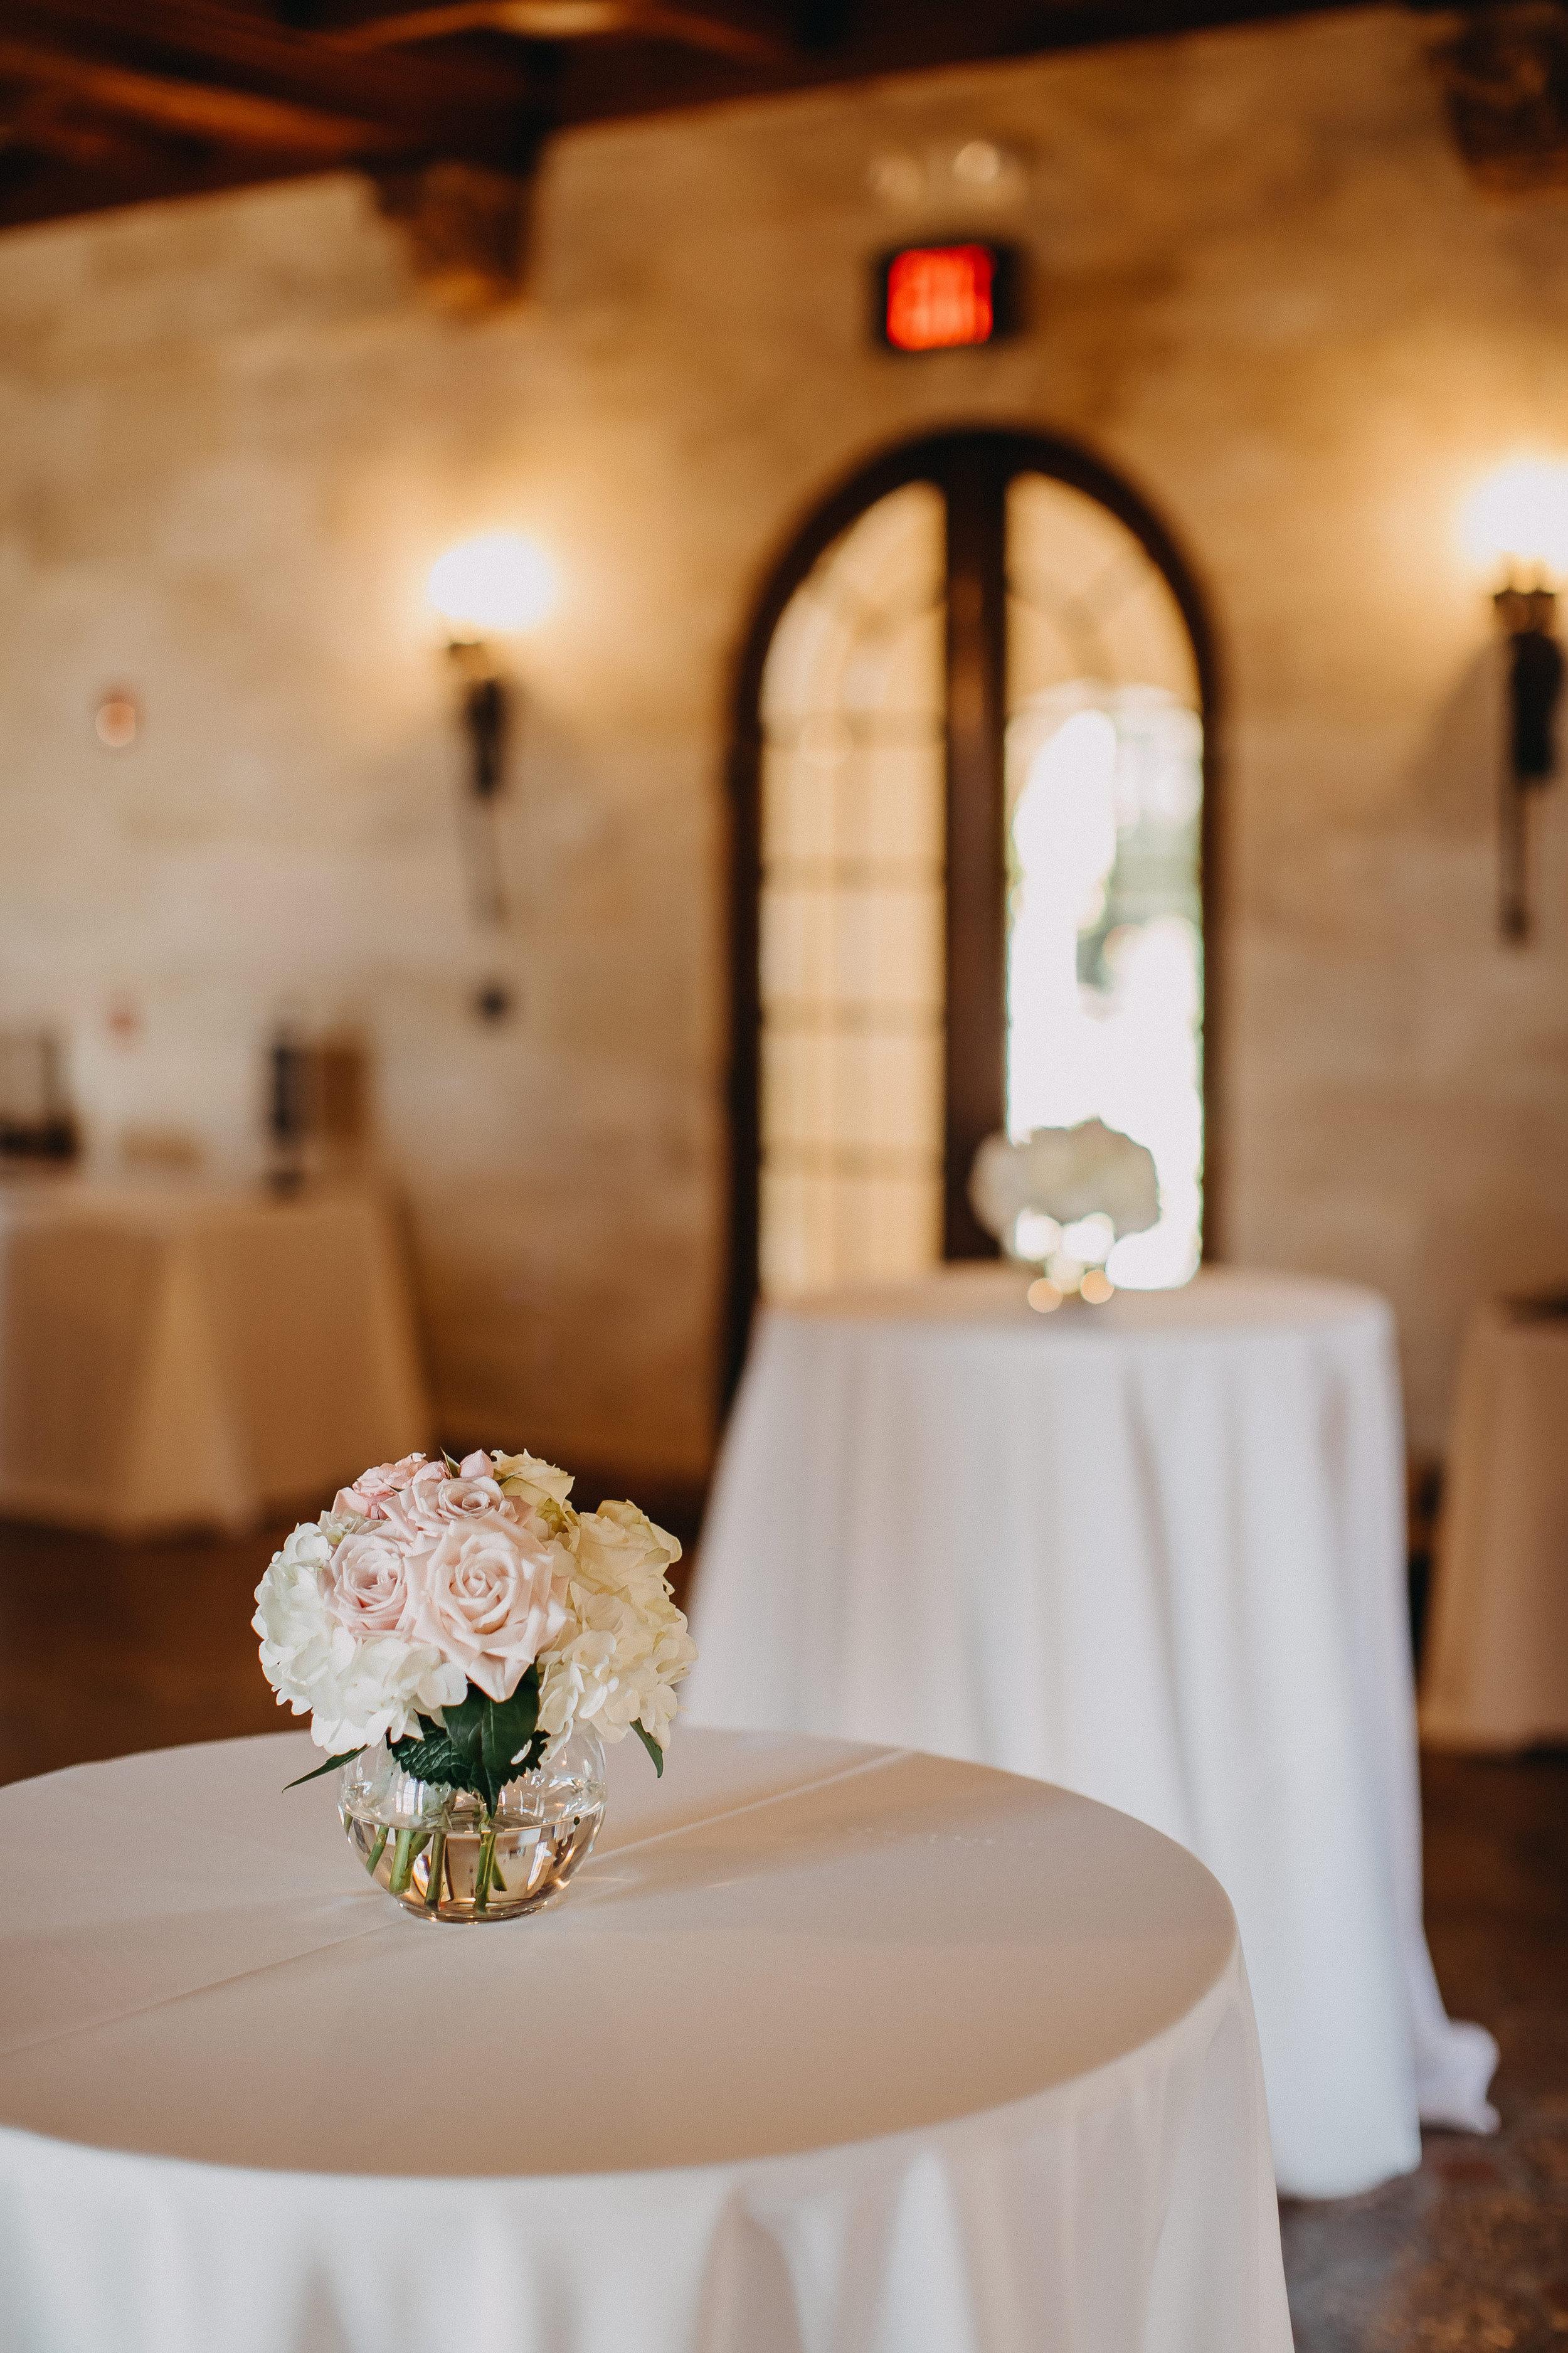 Rustic Wedding Decor - Florida Estate Wedding - Powel Crowley Estate Wedding